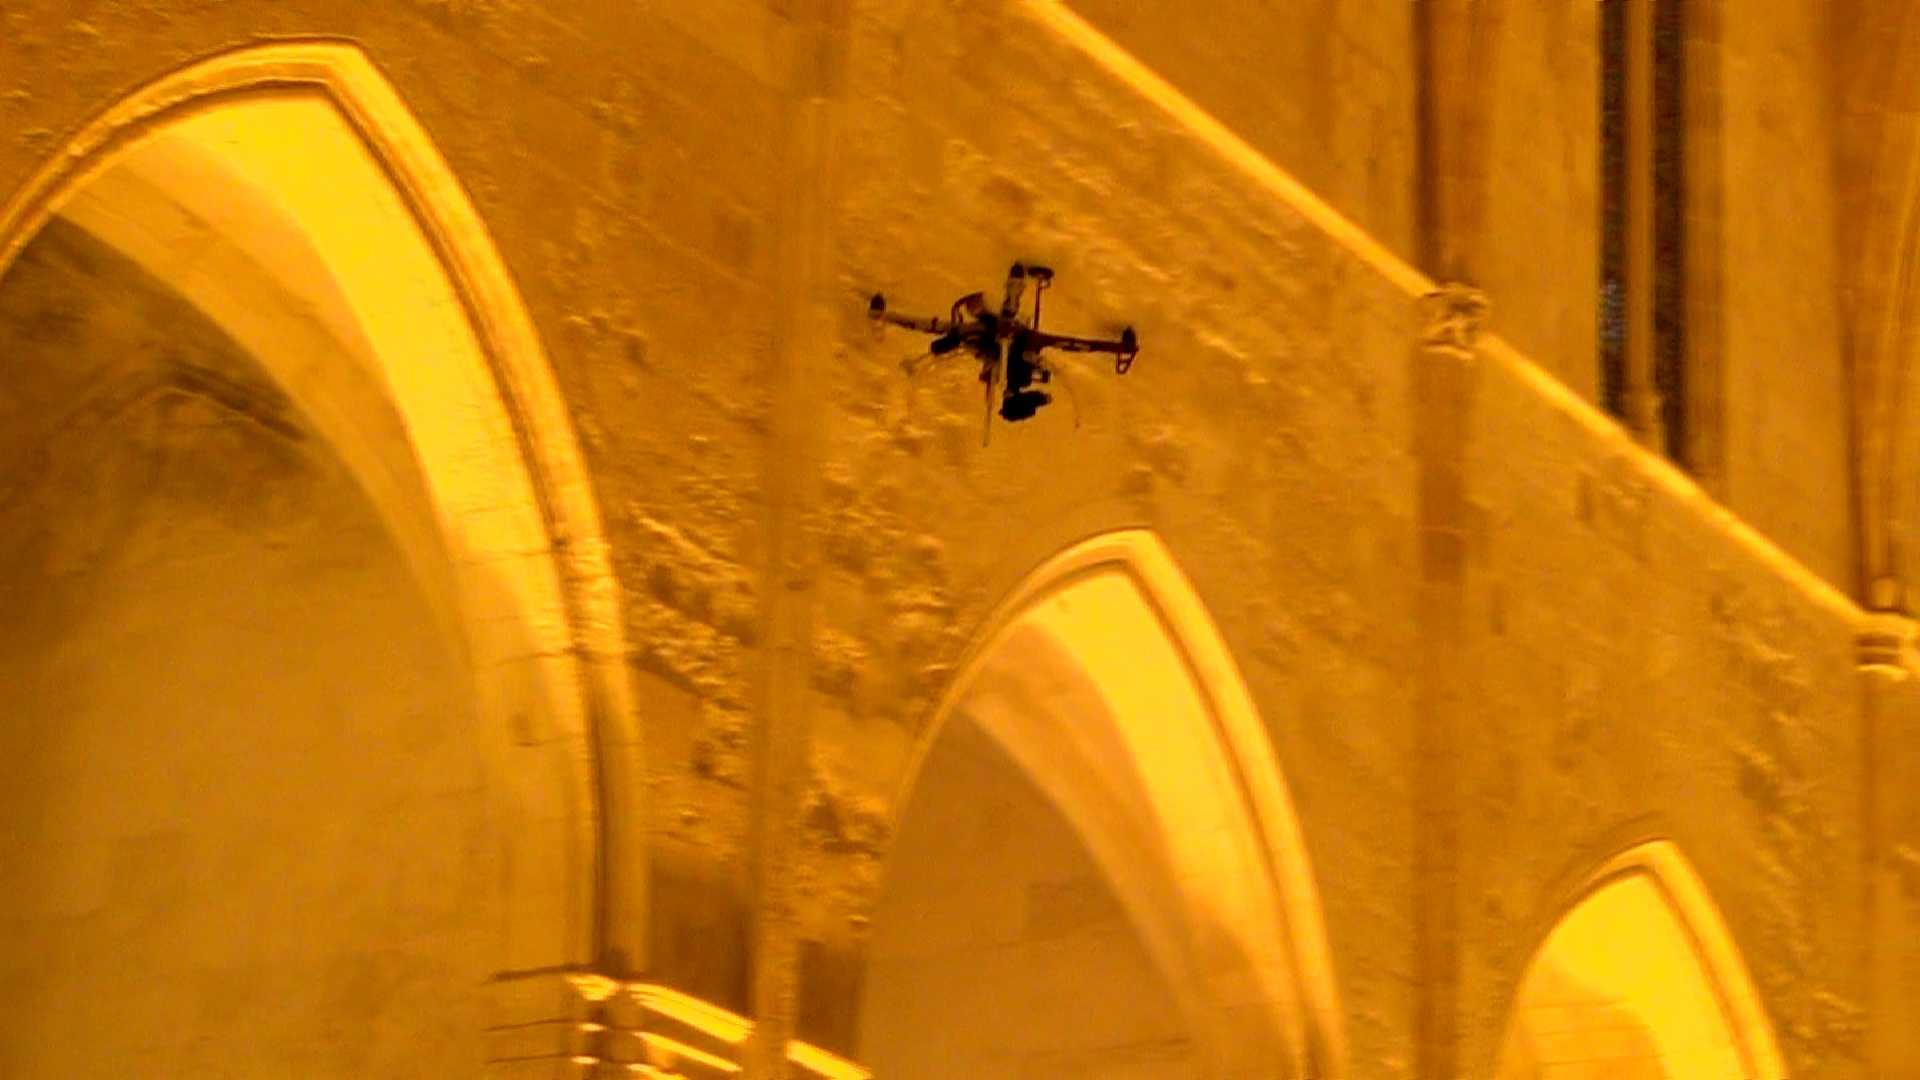 Un 'drone' en la Catedral. Foto: Dronesky.